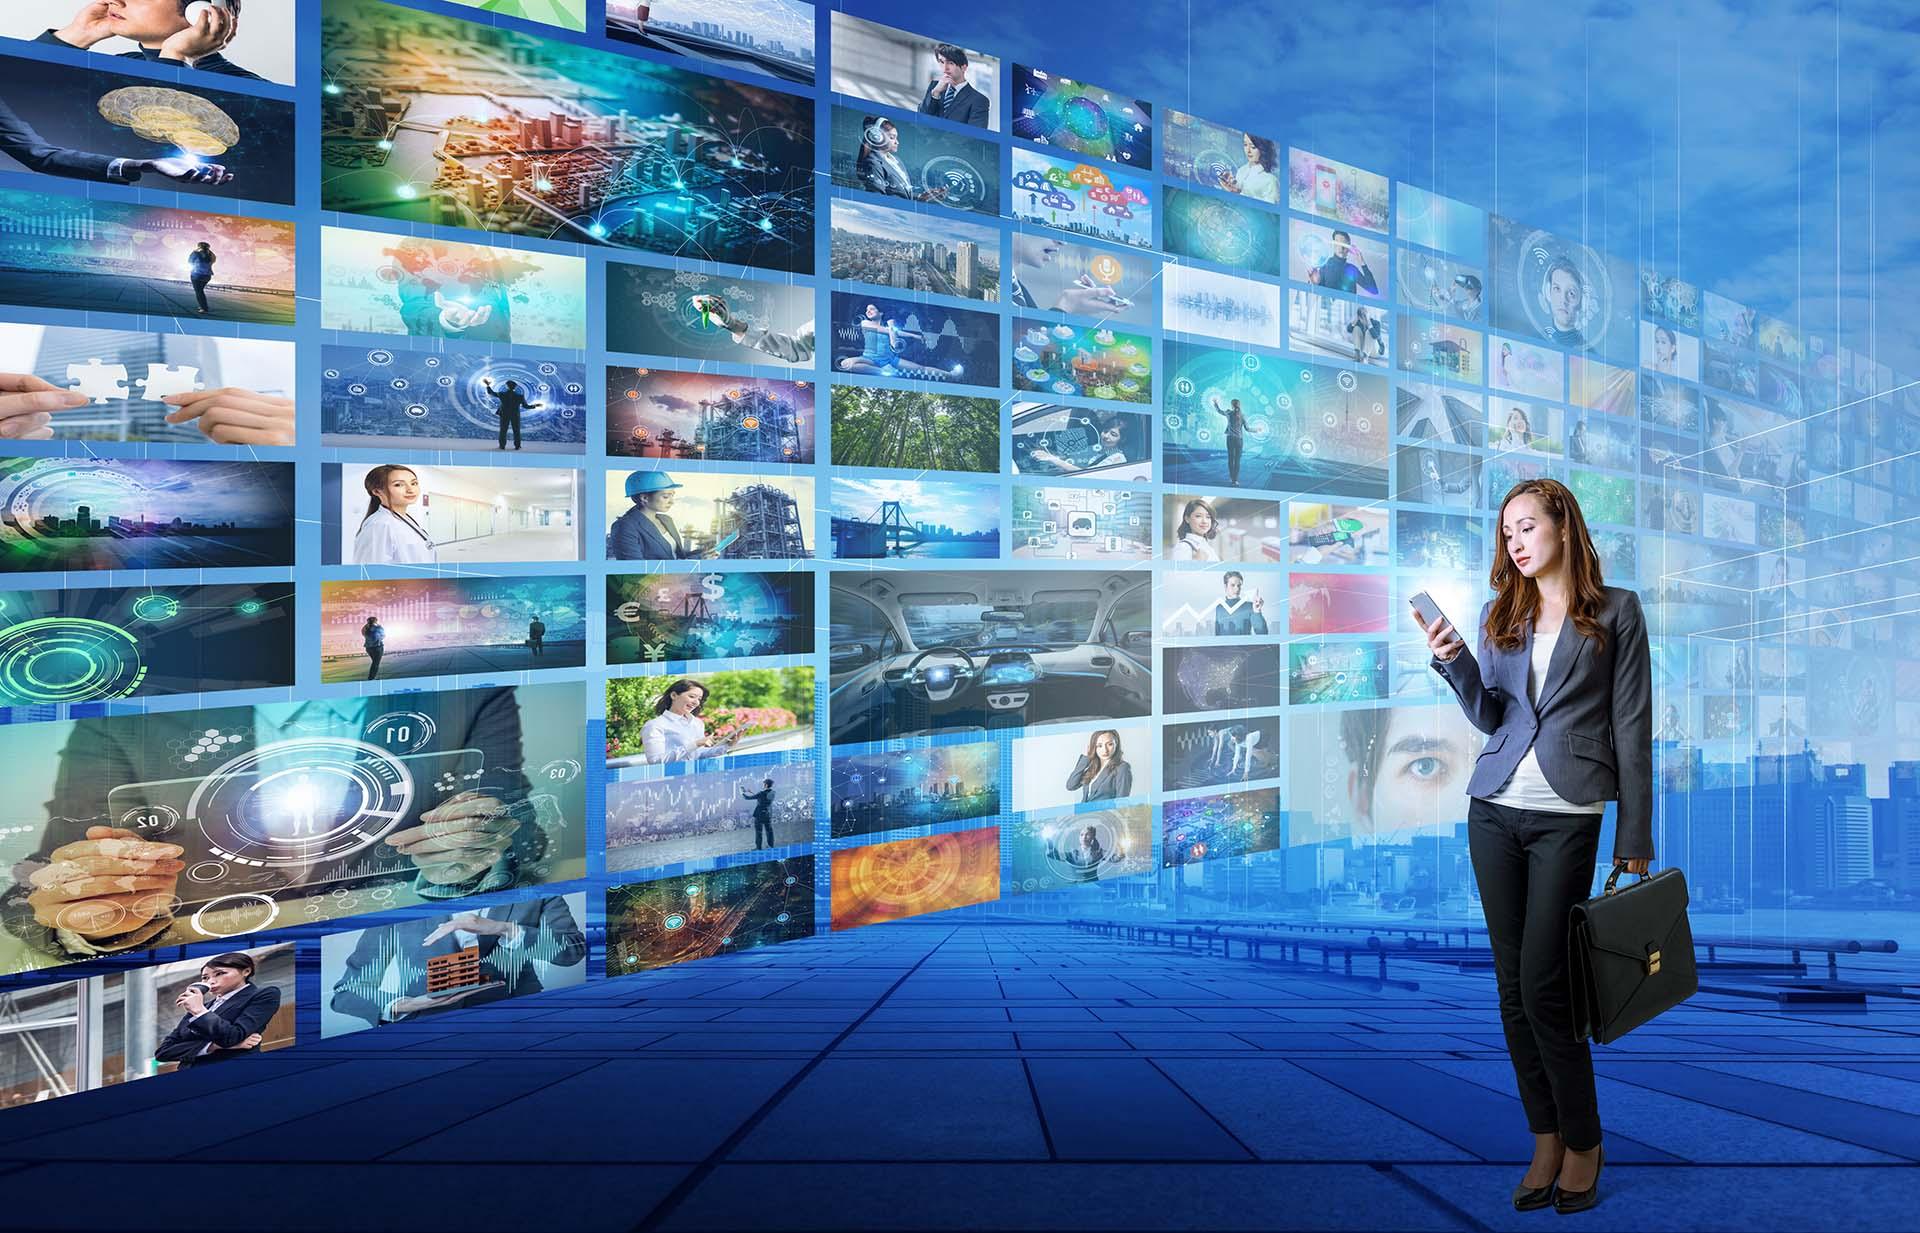 Neue AGF Studie zum Video Marketing: YouTube macht grossen TV-Sendern Konkurrenz